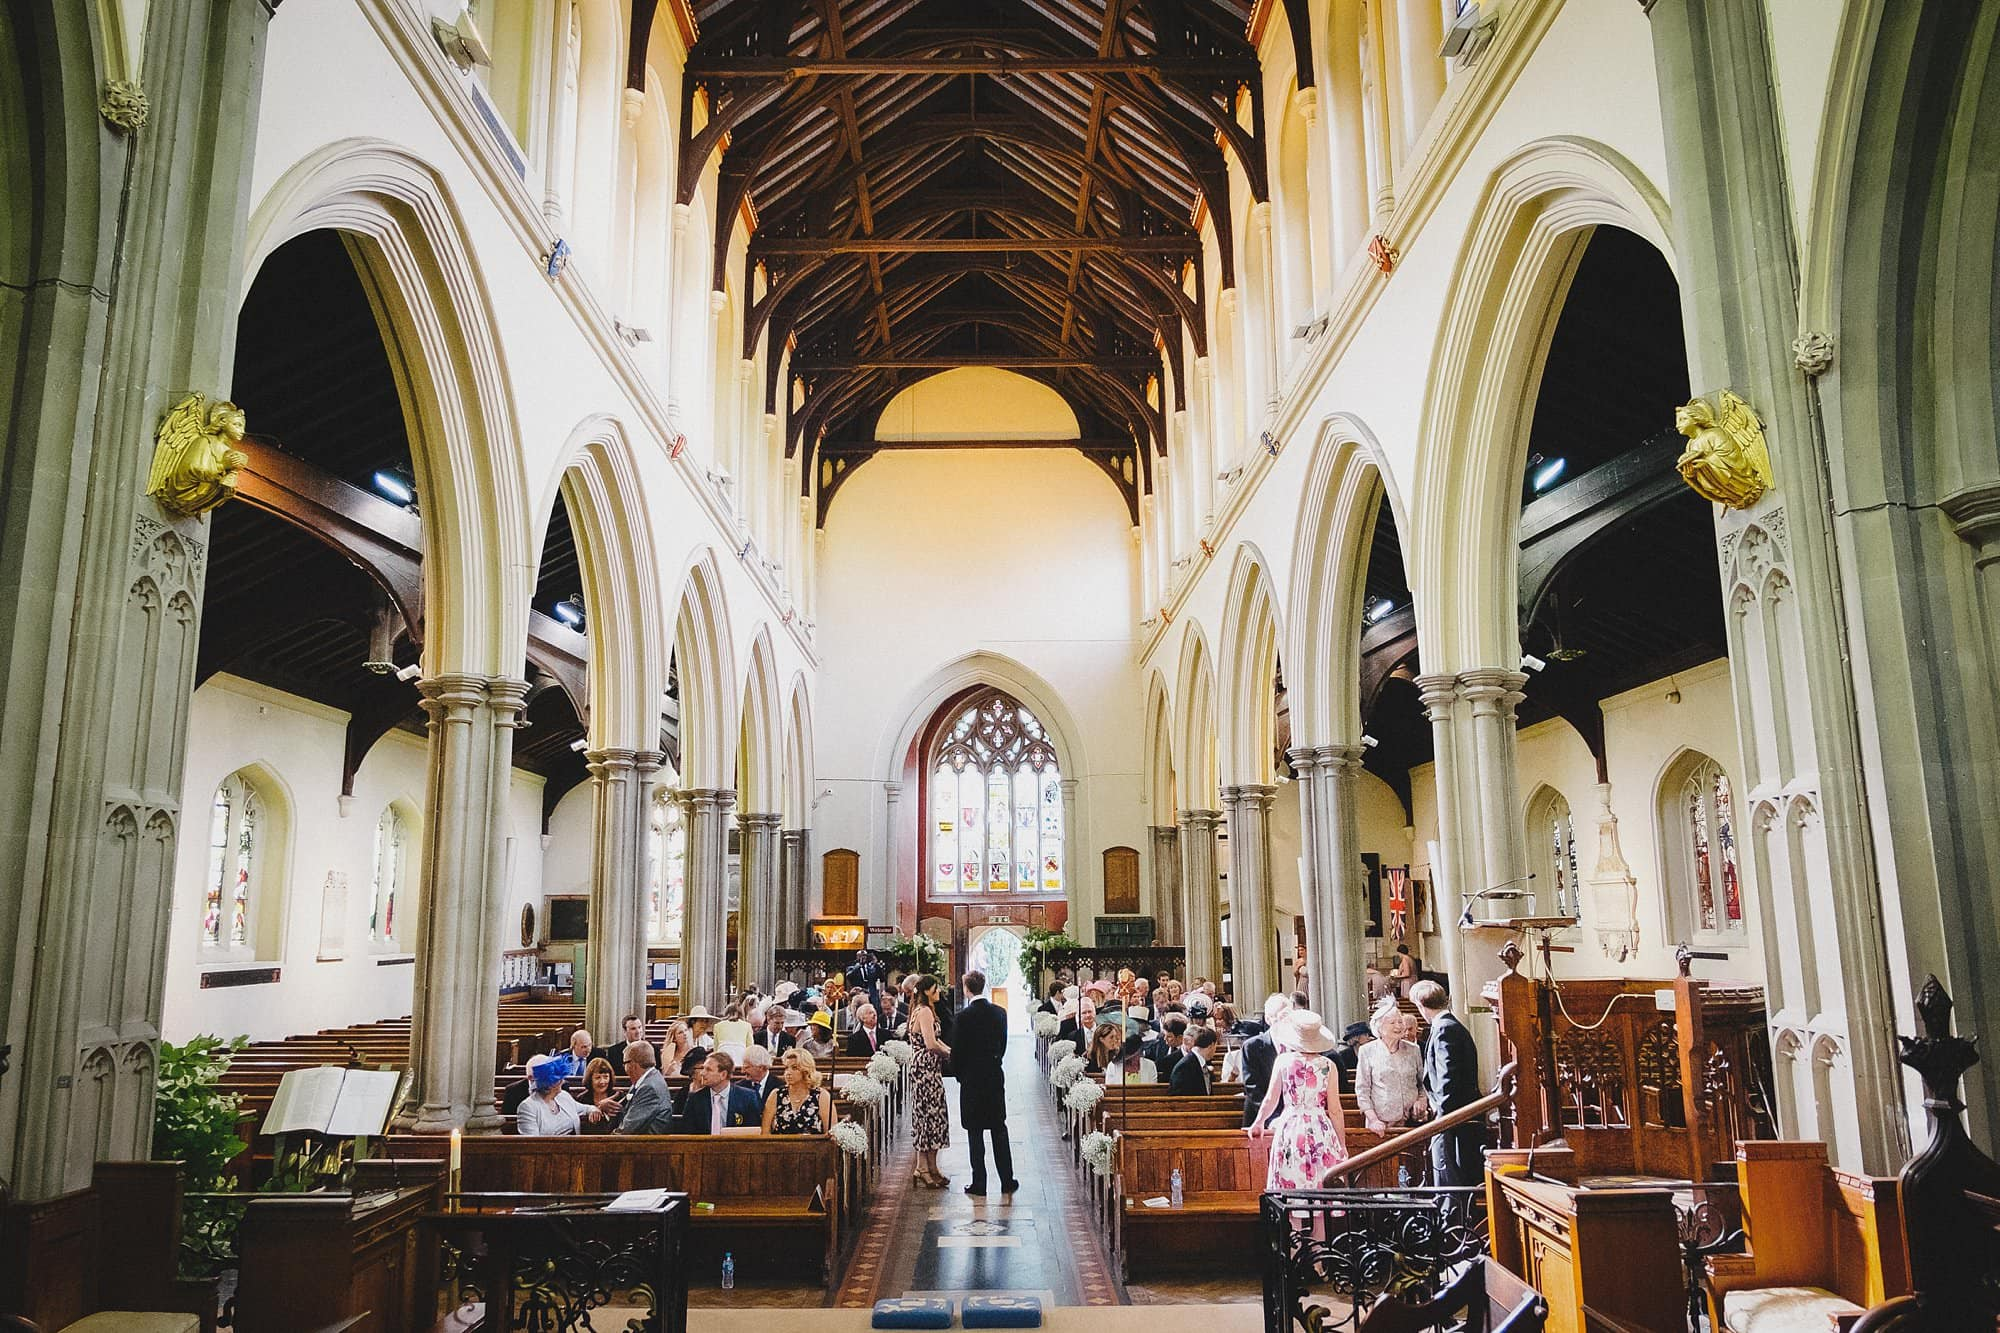 fulham palace wedding photographer 023 - Rosanna & Duncan's Fulham Palace Wedding